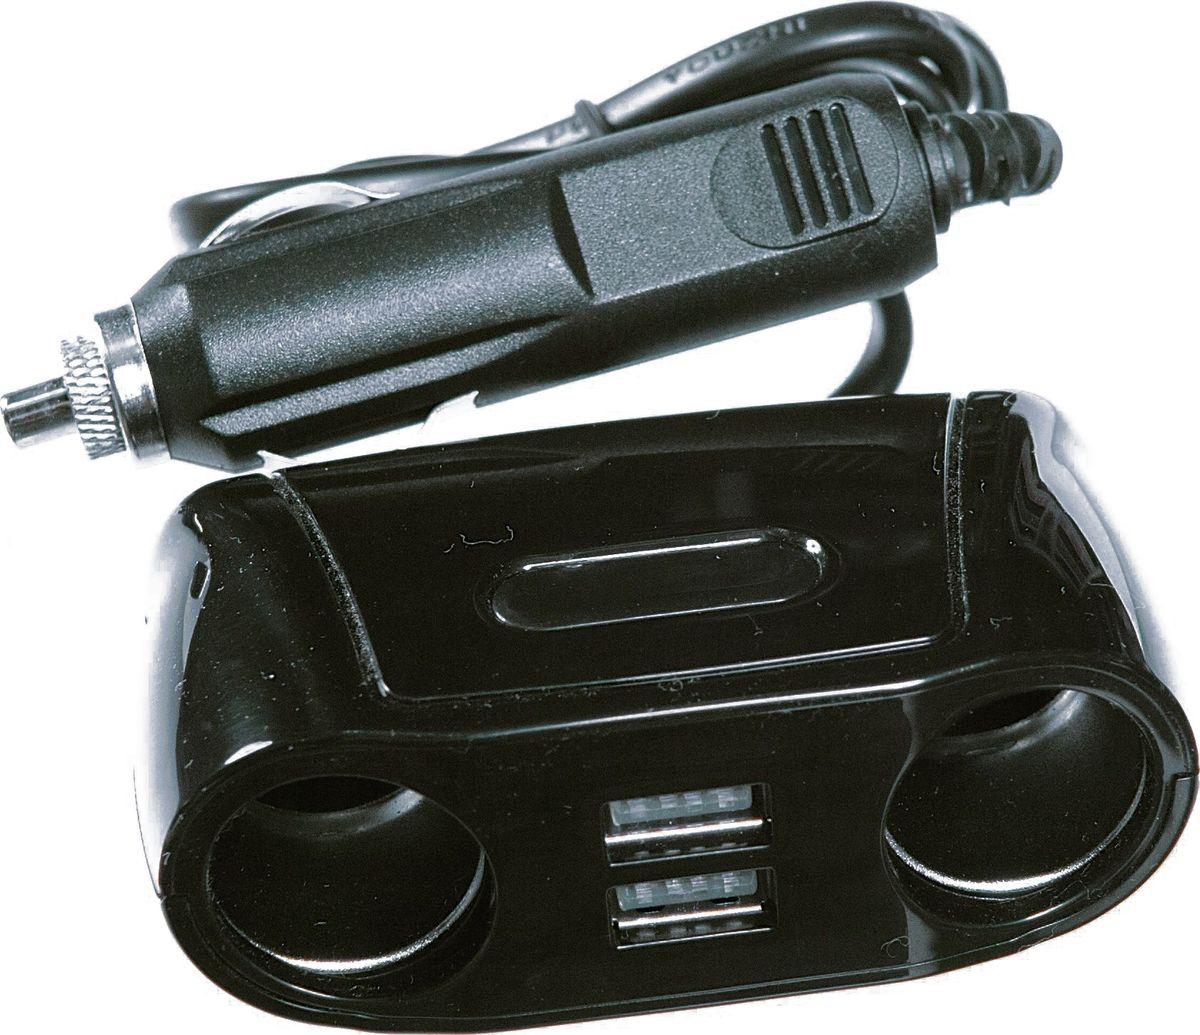 Разветвитель прикуривателя AM, на 2 гнезда + 2 USB, 80 ВтTL-S-221Выход: 5 В, 2.1 А, 80 Вт. Шнур питания 73 см. Предохранитель в штекере. Термостойкий пластик. 2 выхода+2USB80 Вт, 2,1A, 2 выхода + 2USB, длина шнура 73 см, цвет: черныйРазветвитель прикуривателя DolleX изготовлен с двумя разъемами и дополнен USB. Имеется световой индикатор для удобства пользования, длина провода 1 м. Разъемы 12В. Рабочее напряжение: 12В. Максимальный ток: 10А. Суммарная мощность потребителей: 120 Вт. Разъем USB. Напряжение на выходе: 5В. Максимальный ток 1А. Предназначен для подключения портат